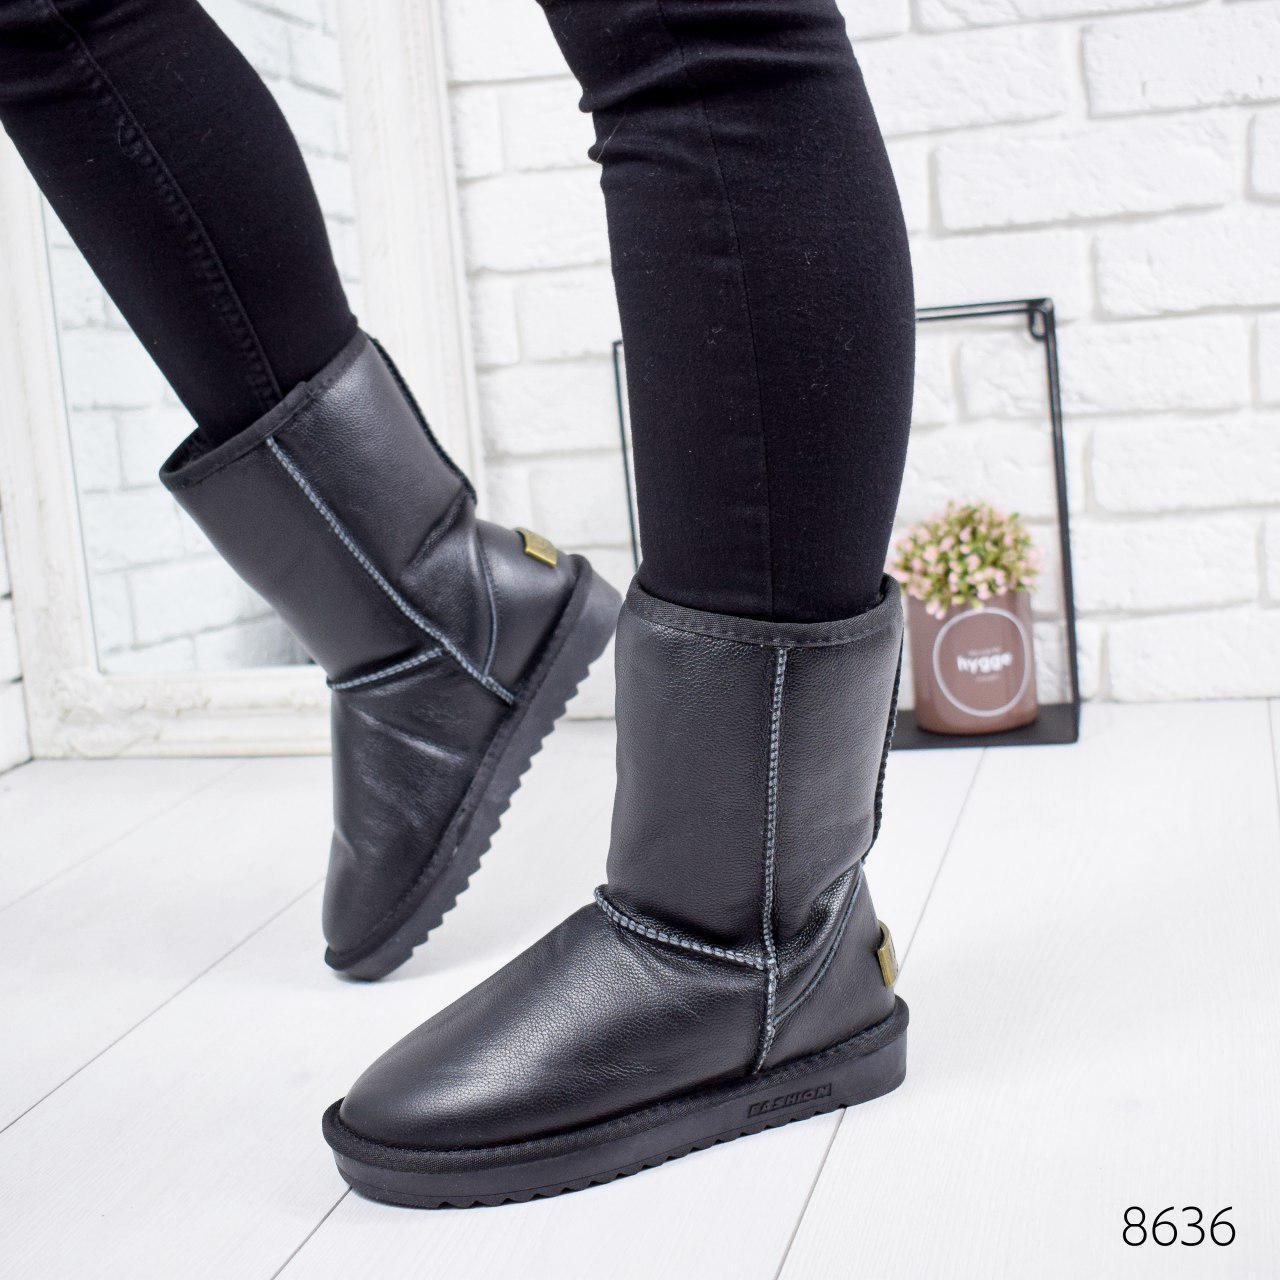 """Угги высокие, сапоги зимние в стиле """"UGG"""" черного цвета из НАТУРАЛЬНОЙ КОЖИ. Зимние угги. Теплая обувь"""